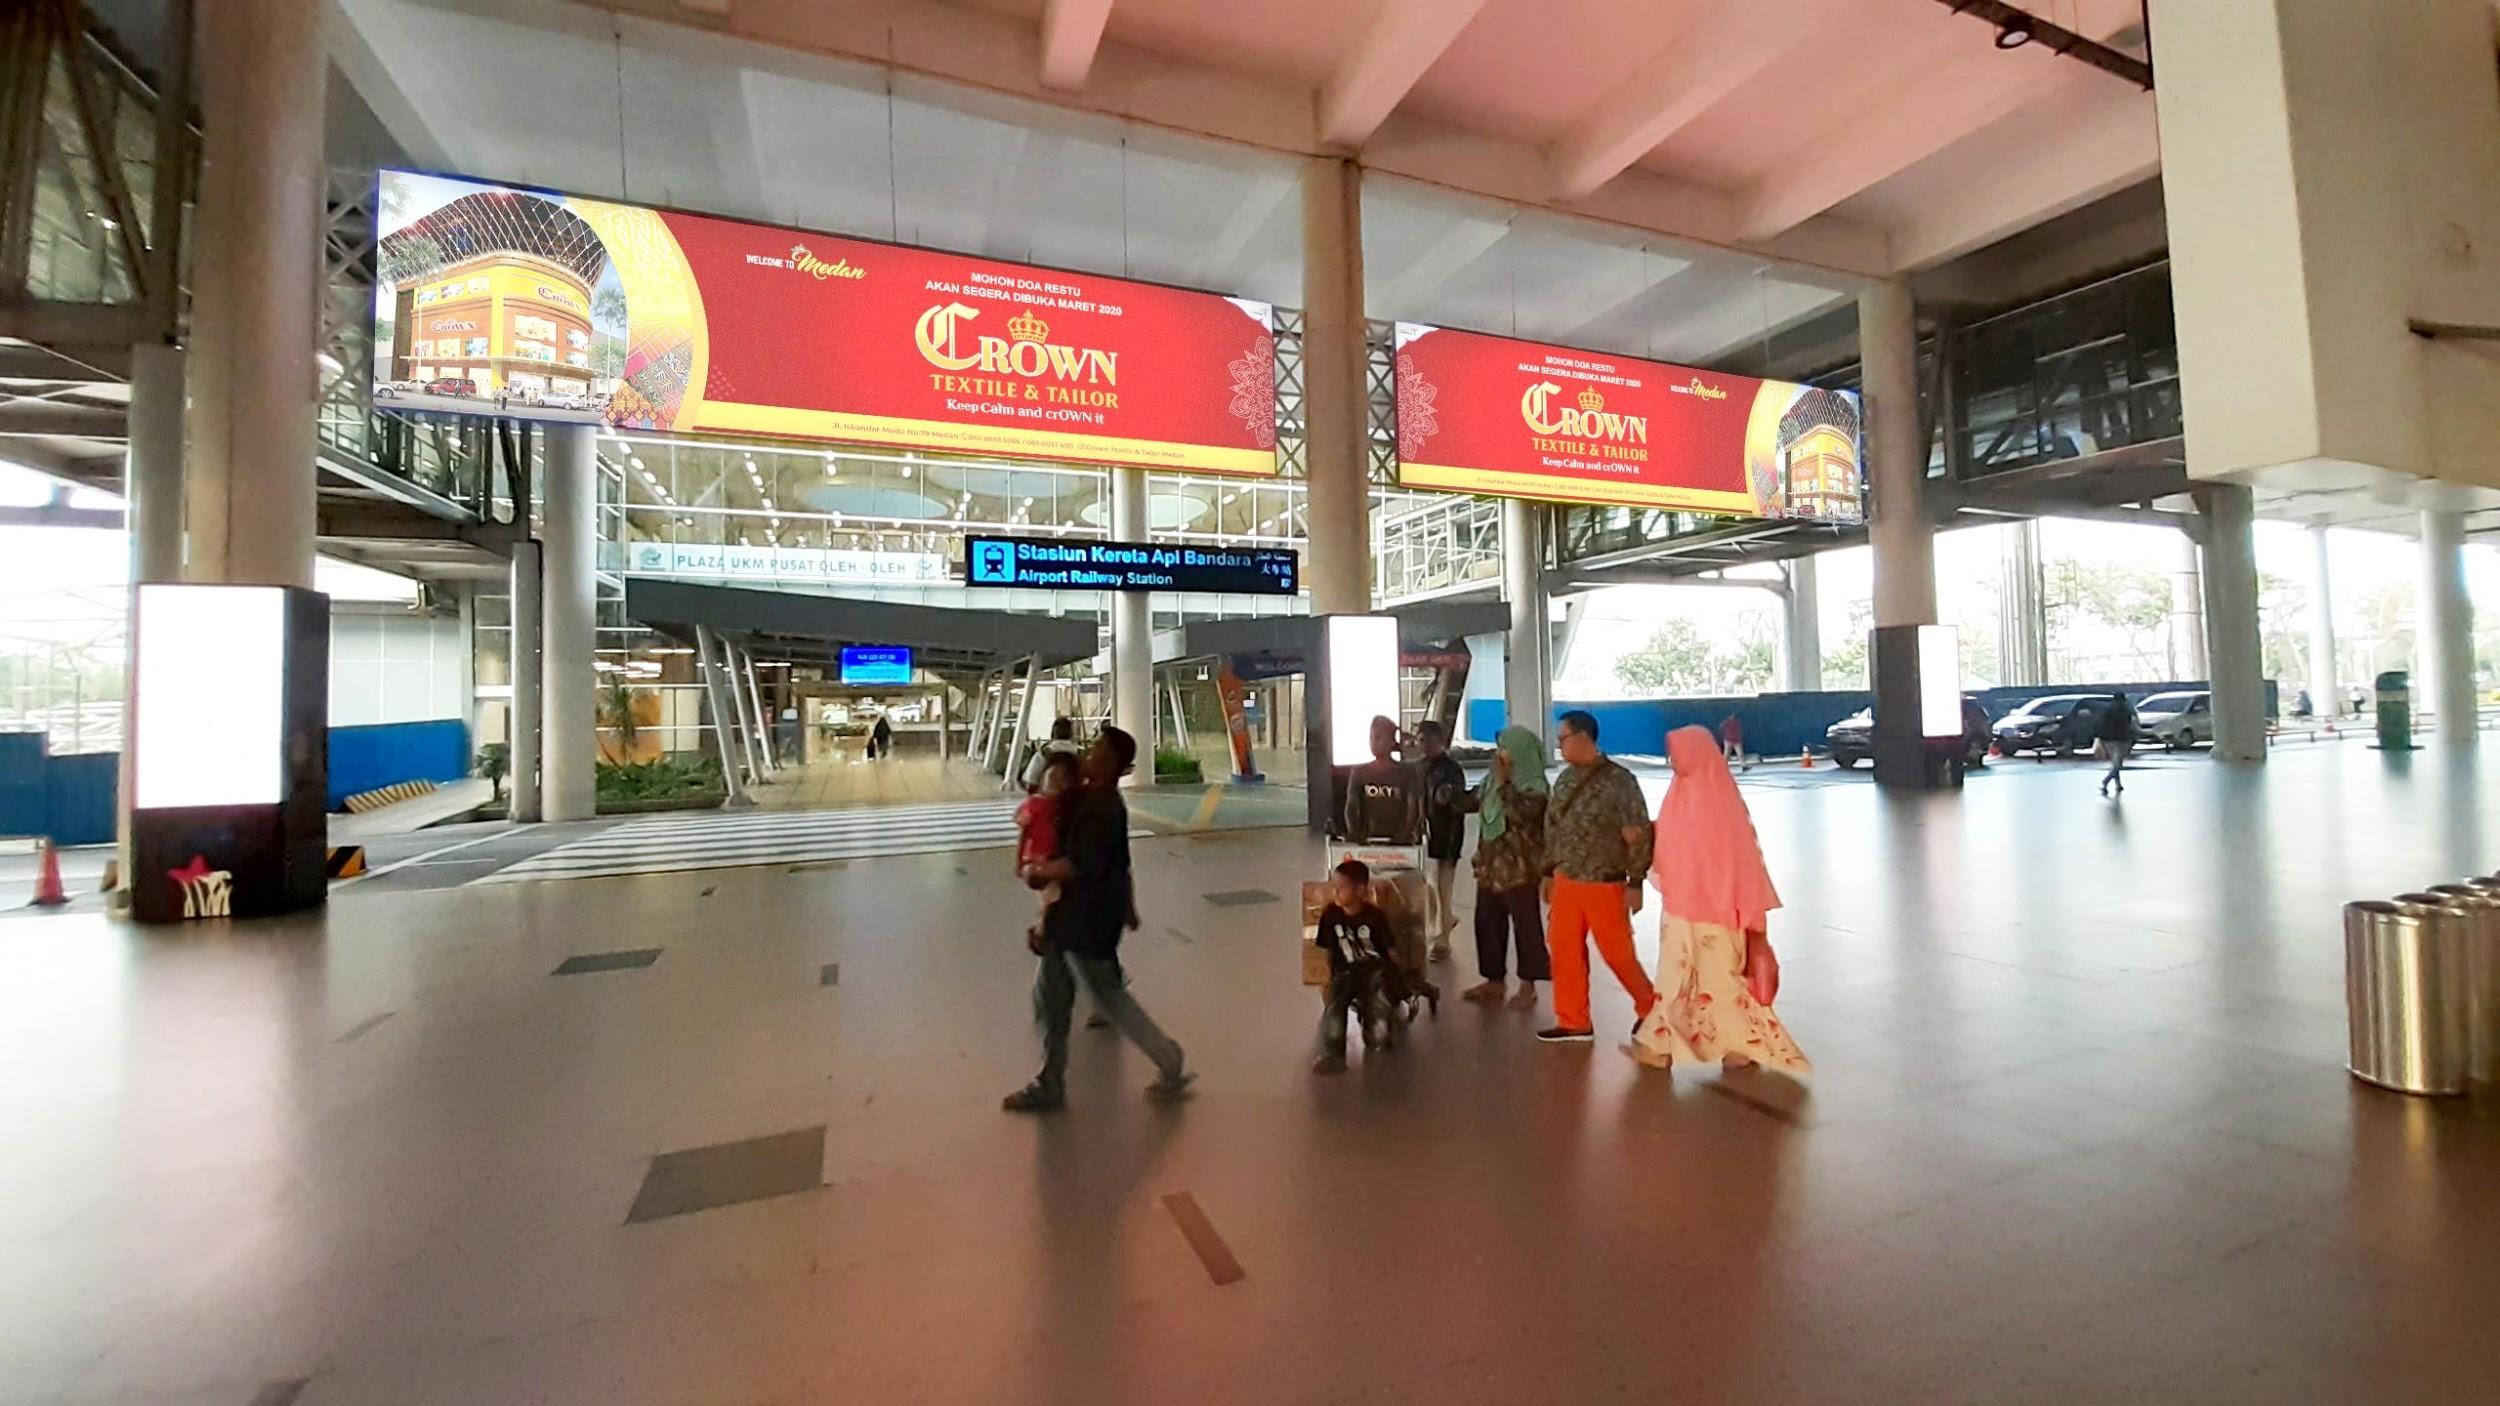 Lightbox CROWN Textile di Rail Link Bandara Internasional Kualanamu Medan